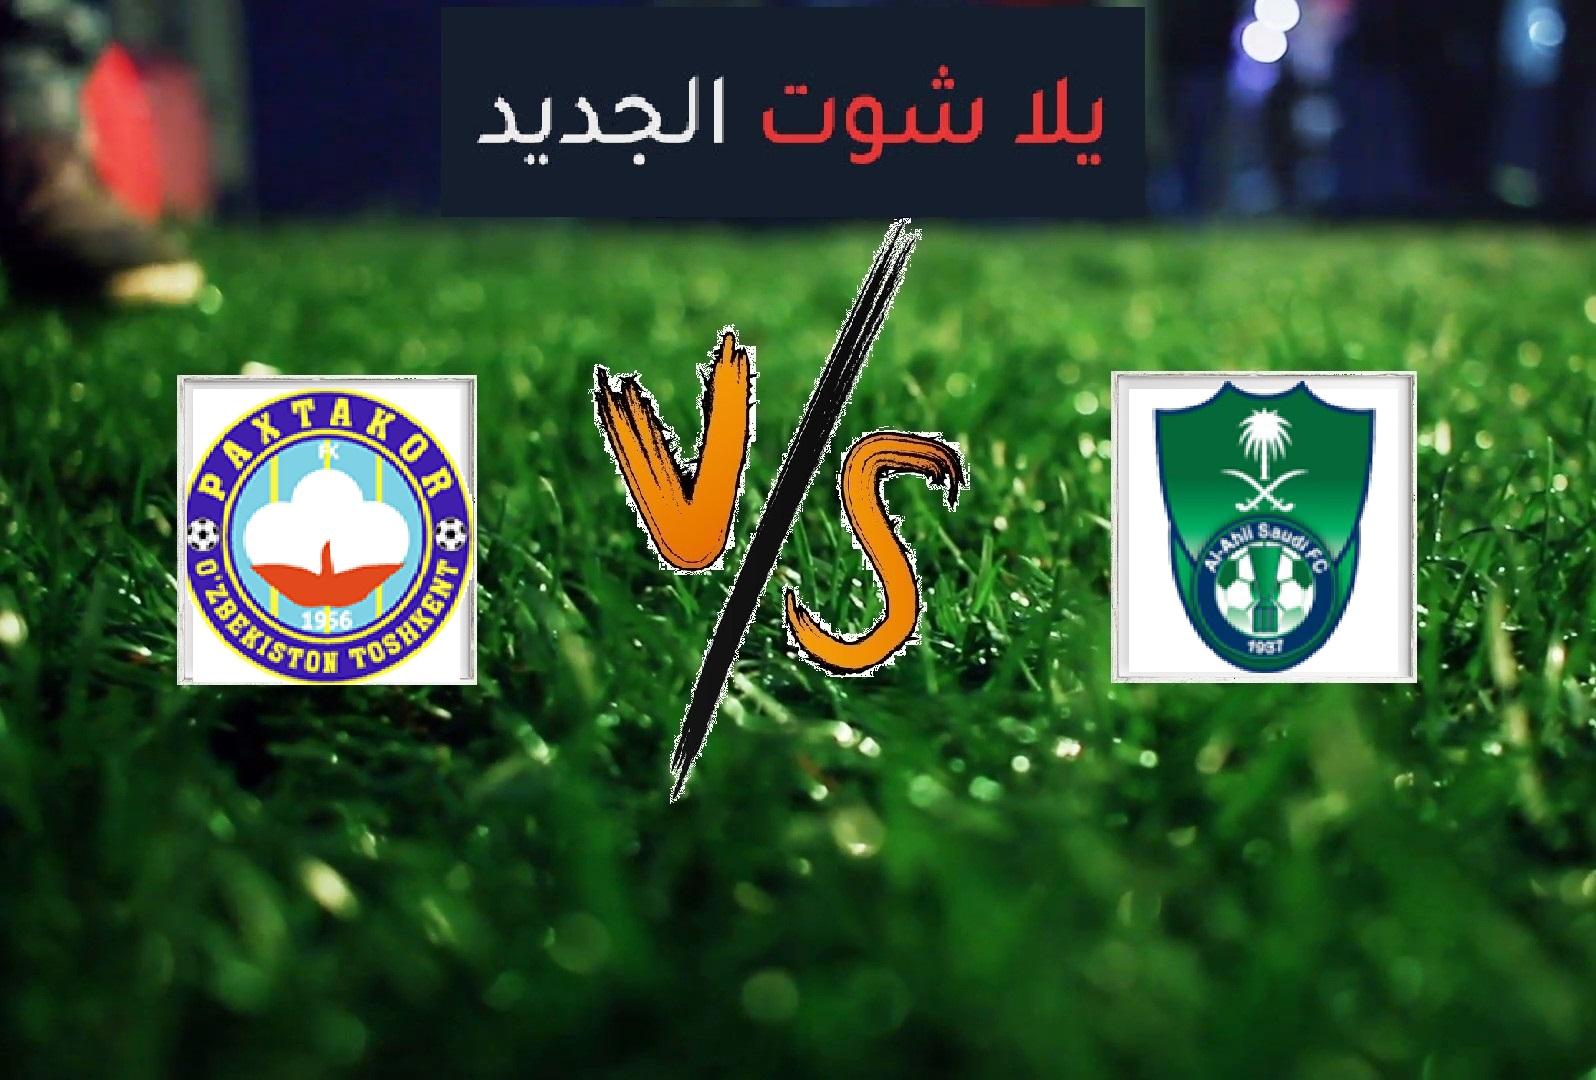 مشاهدة مباراة الاهلي وباختاكور بث مباشر يلا شوت الجديد اليوم الاثنين بتاريخ 20-05-2019 دوري أبطال آسيا